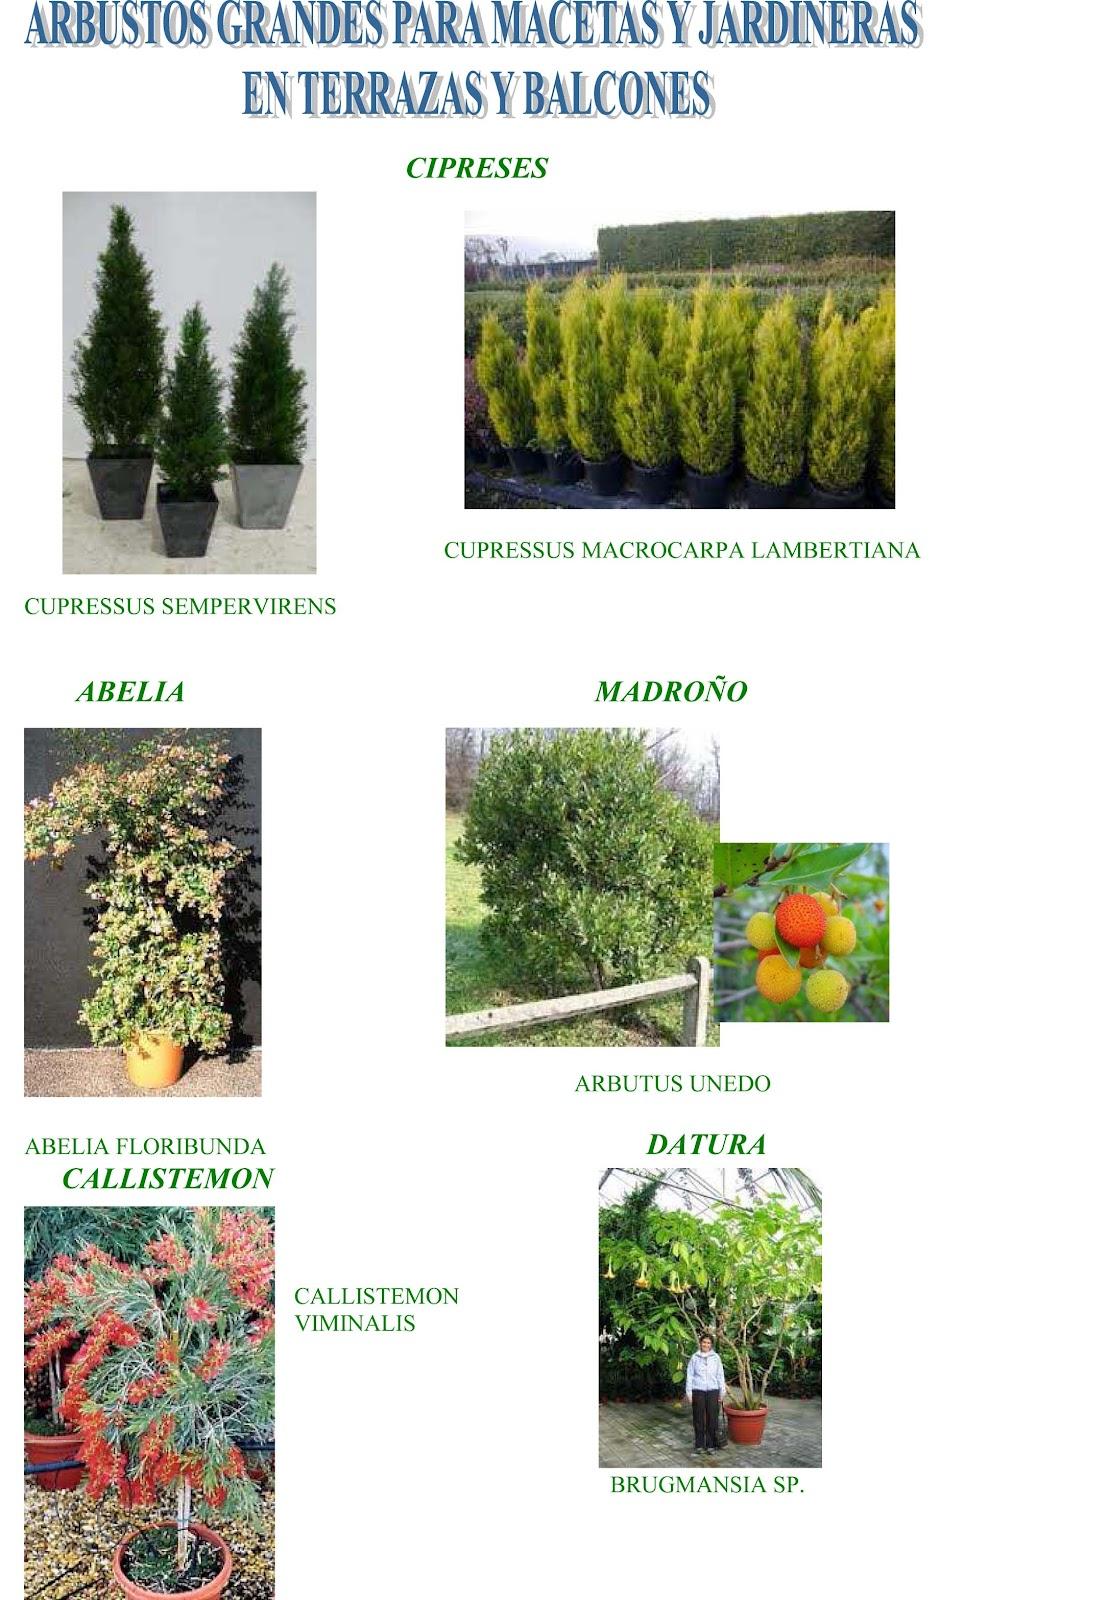 Jara jardiner a y paisajismo arbustos grandes para for Todo sobre jardineria